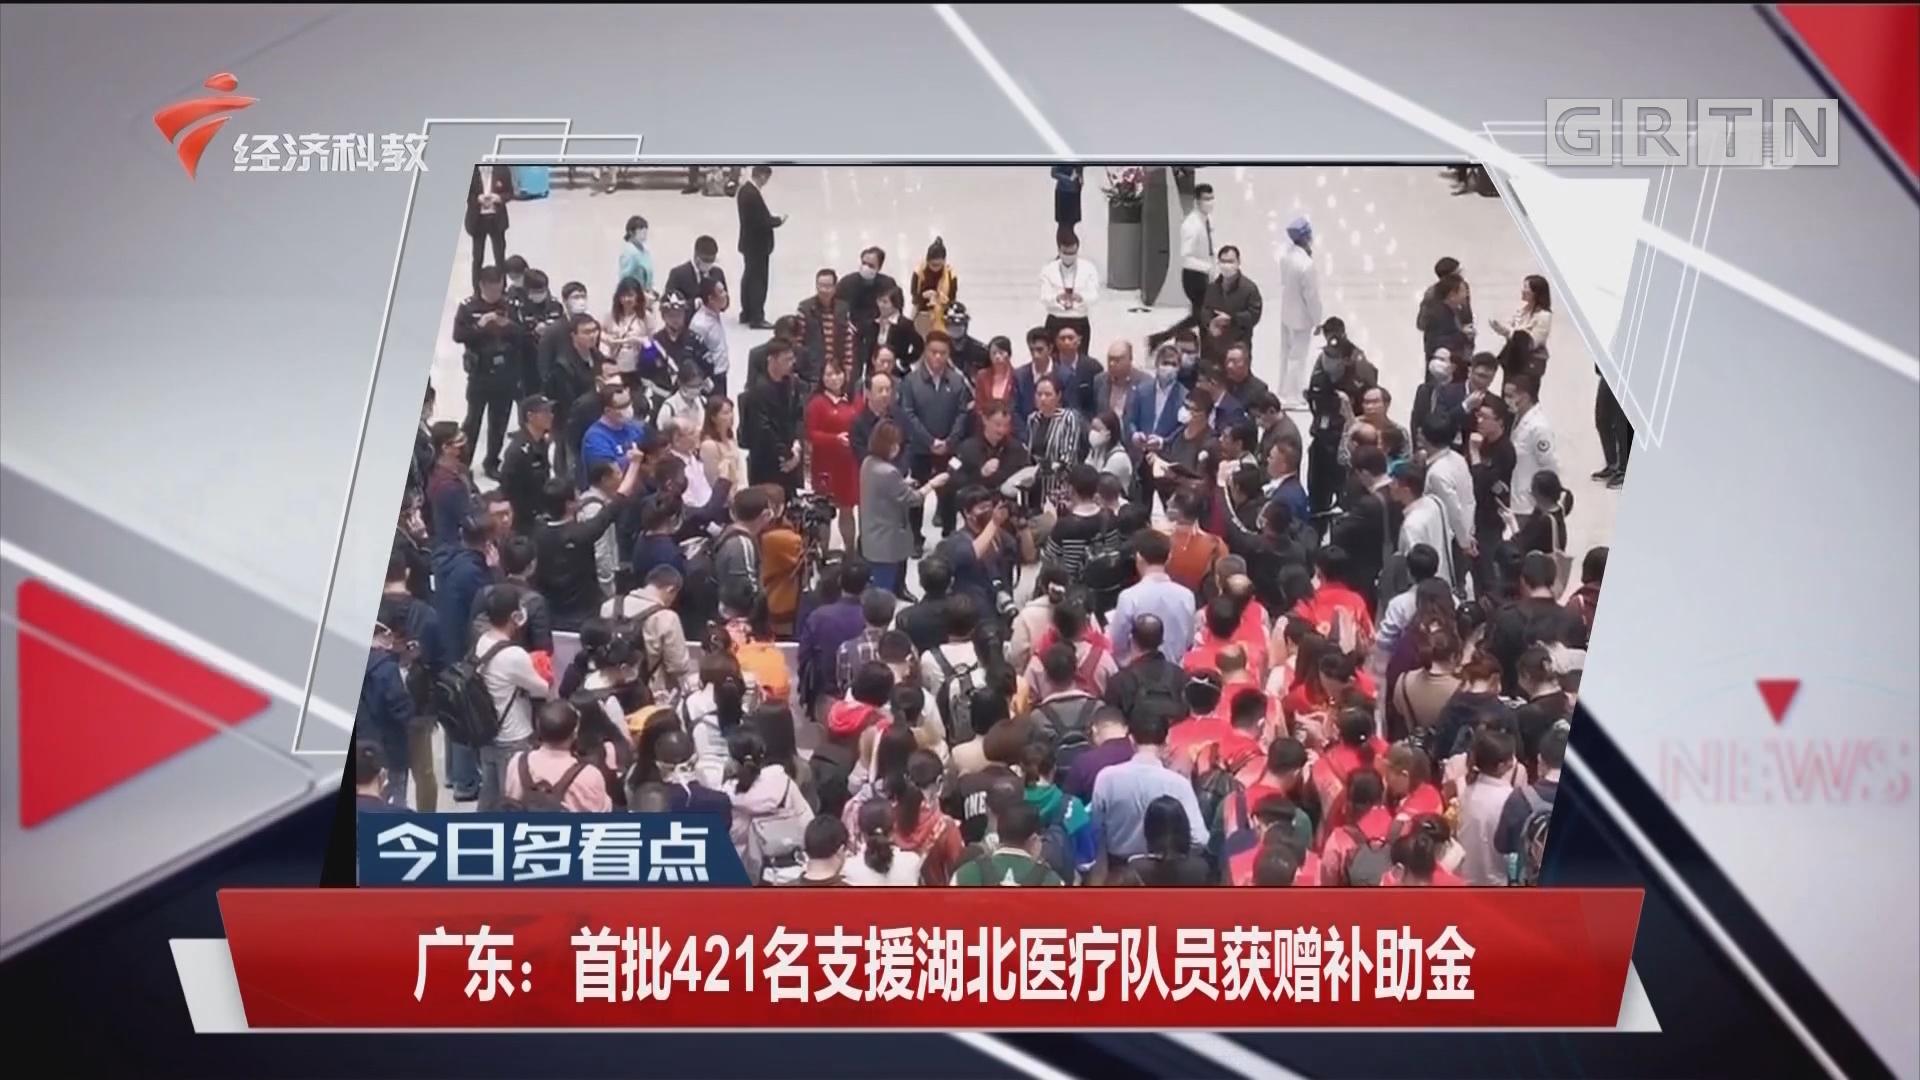 广东:首批421名支援湖北医疗队员获赠补助金